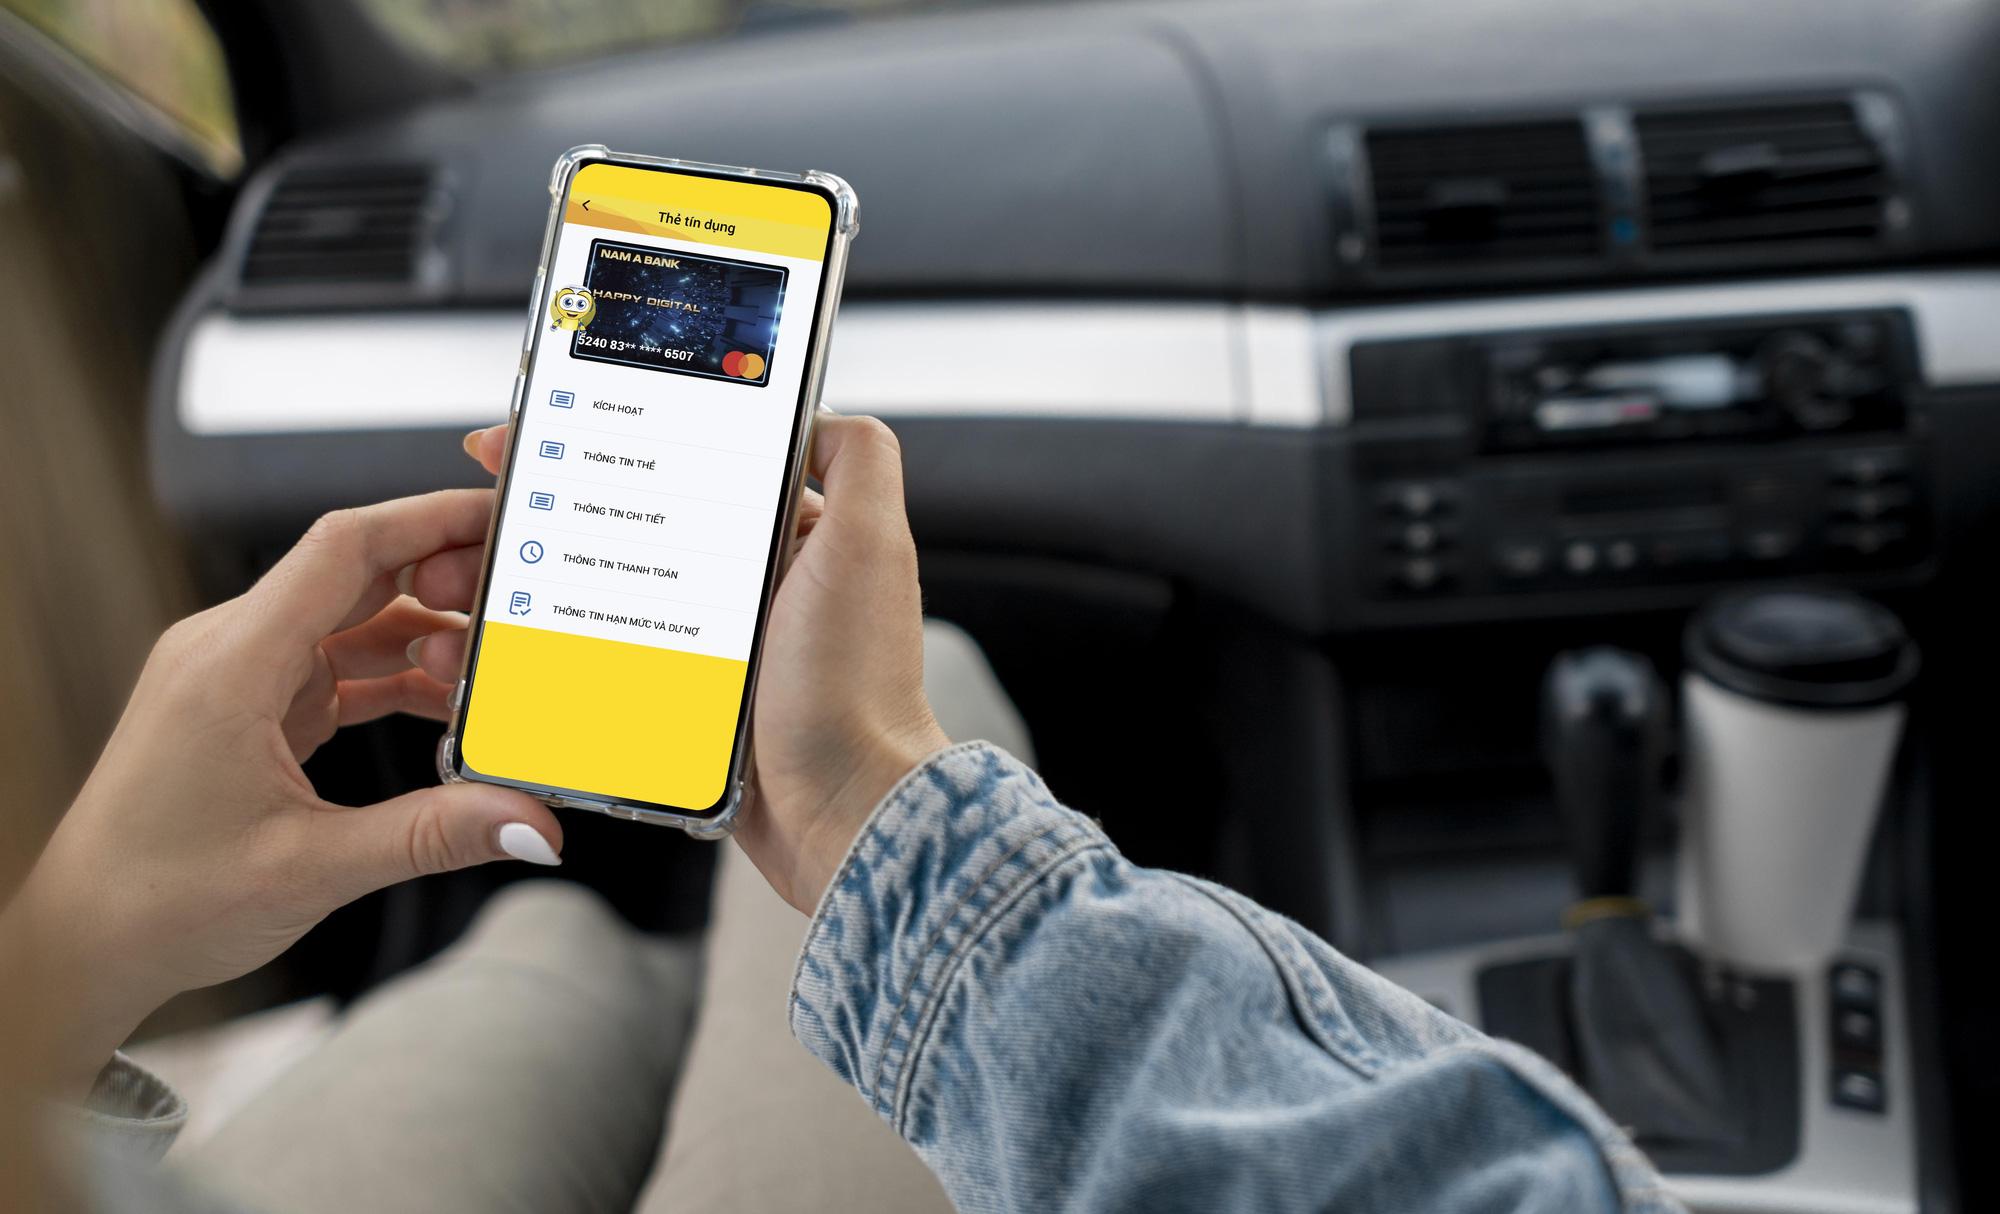 Nam A Bank ra mắt thẻ tín dụng phi vật lý, đáp ứng xu hướng của thời đại 4.0 - Ảnh 1.